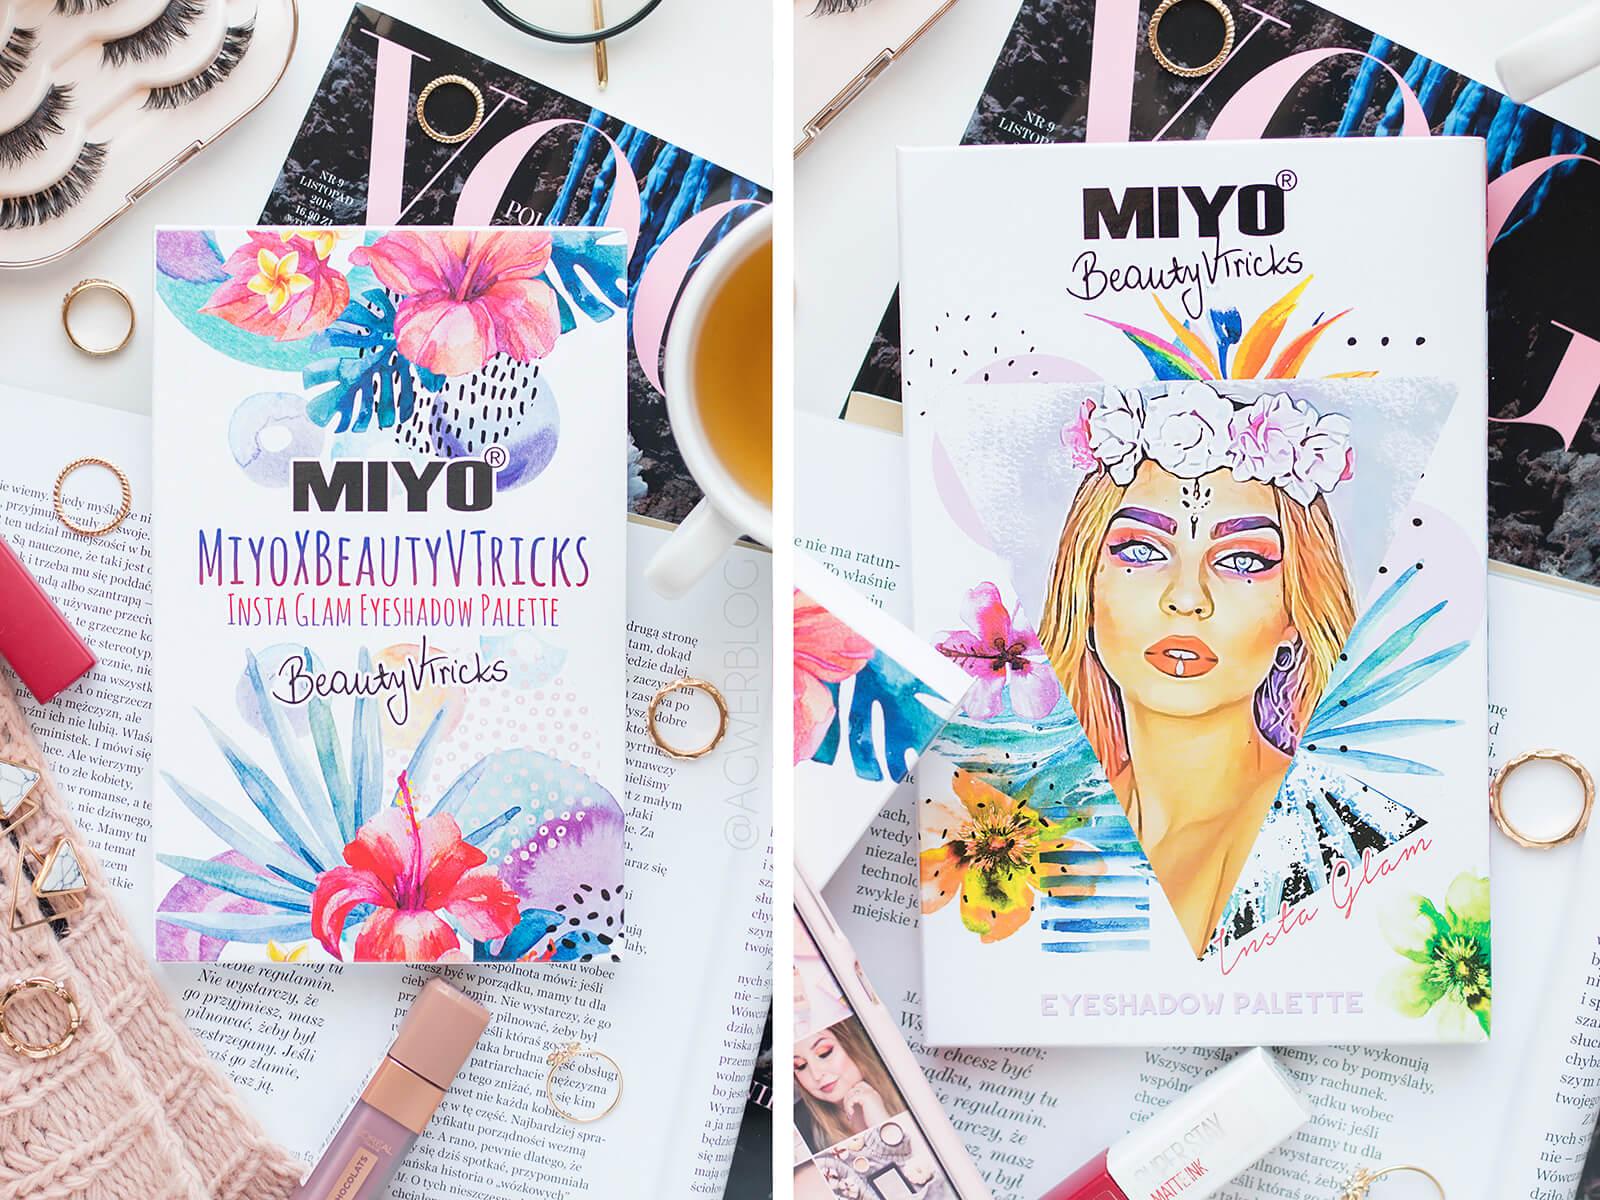 MIYO x Beautyvtricks insta glam blog